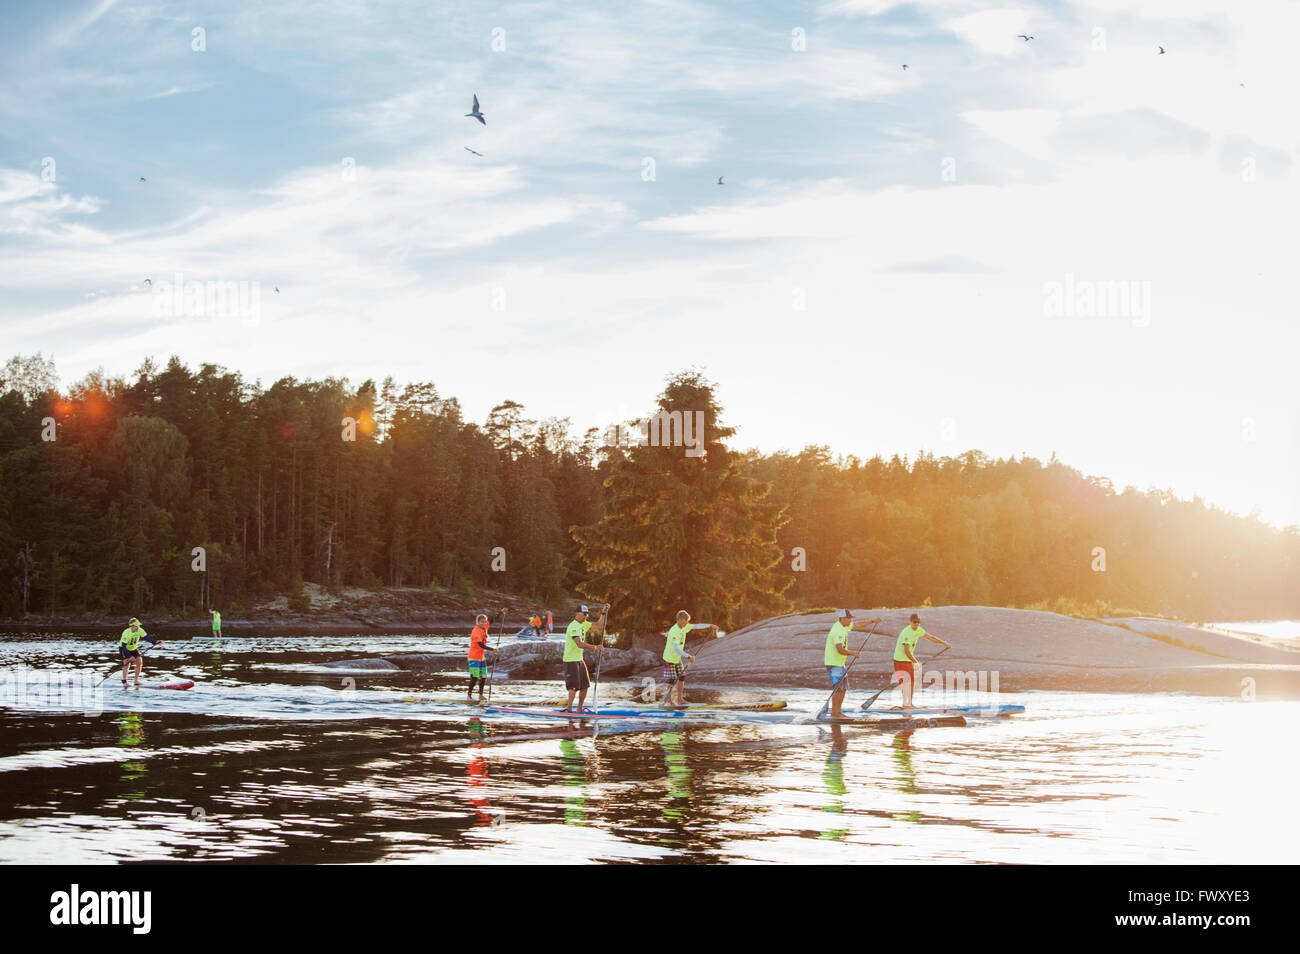 La Finlande, l'Eura, World, les pagayeurs par port au cours de la race Photo Stock